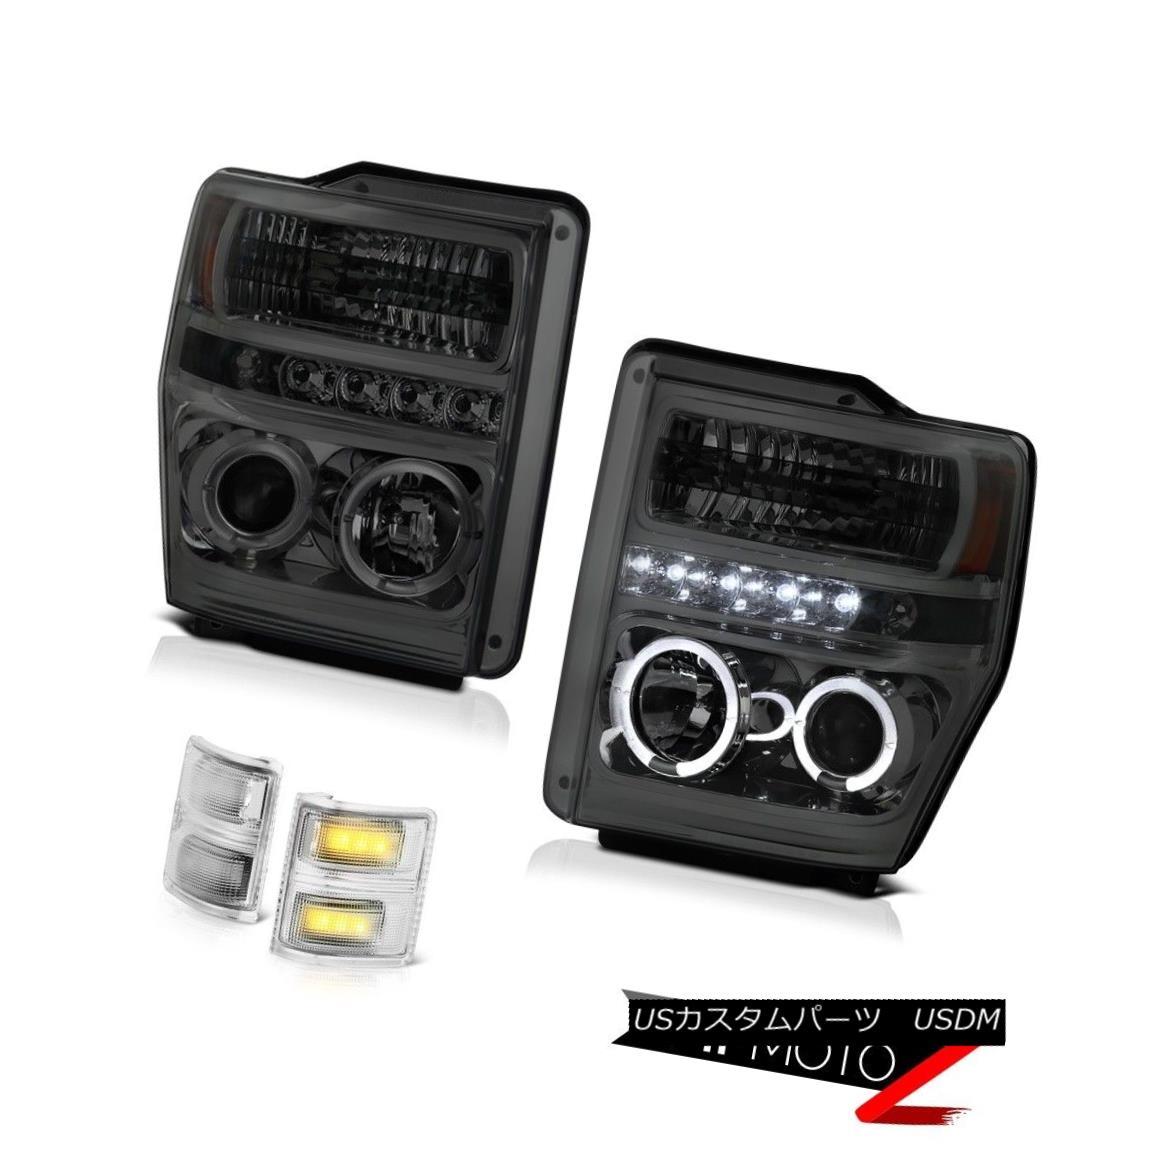 ヘッドライト 2008-2010 Ford F250 F350 Smoke Halo Projector Headlight LED Signal Towing Mirror 2008-2010 Ford F250 F350スモークハロープロジェクターヘッドライトLED信号牽引ミラー